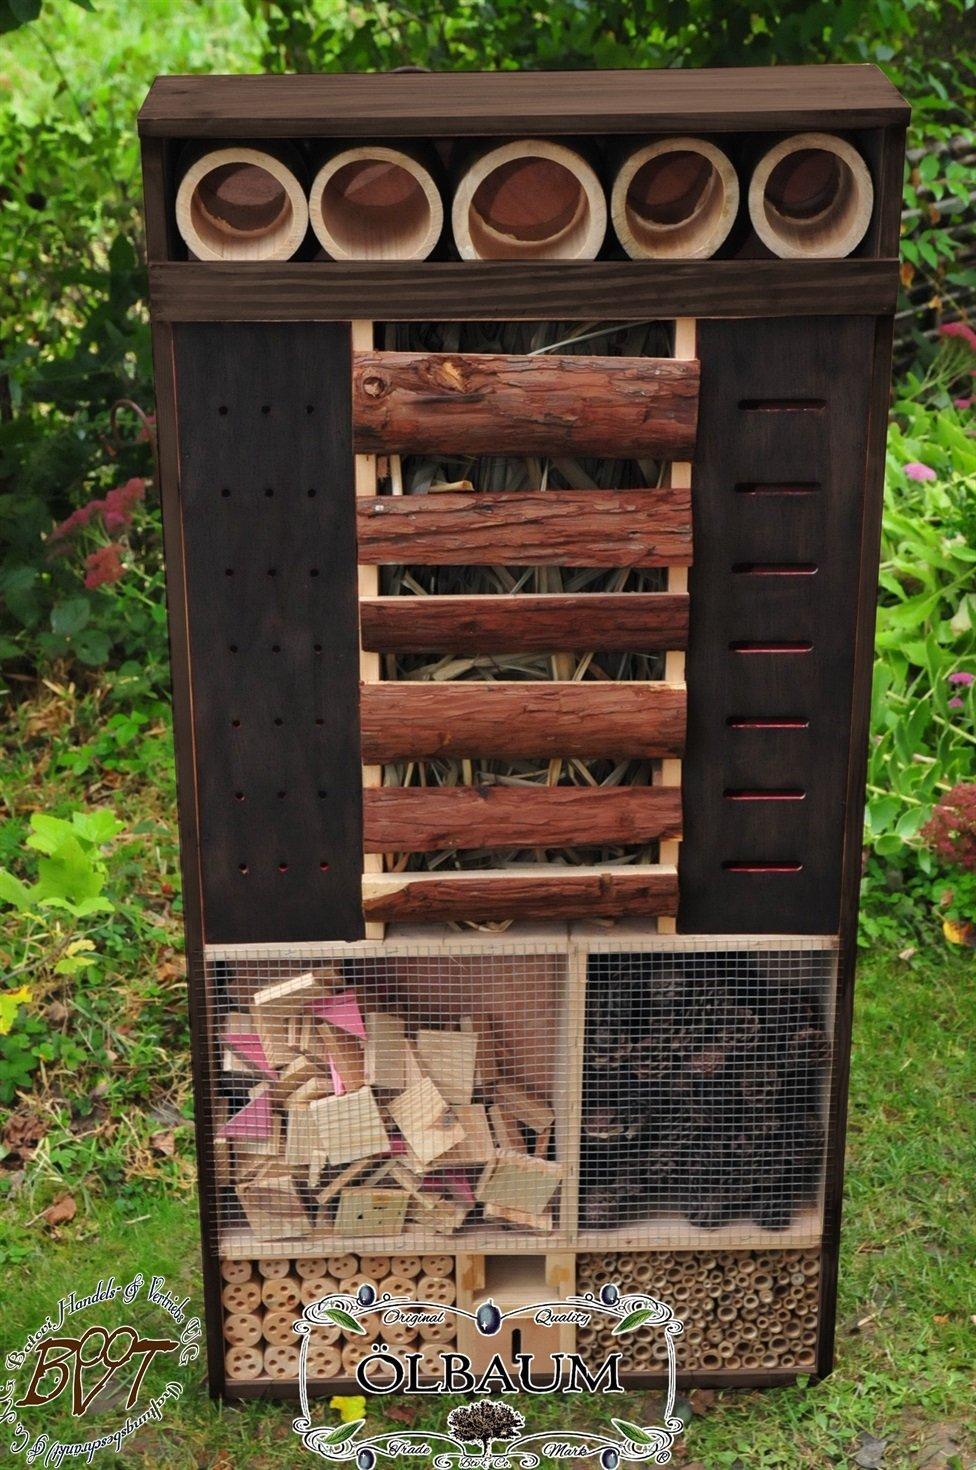 Insektenhotel, XXL über 1,2 Meter ca. 120 cm hoch x 60 cm breit x 17 cm tief, FRONT edel ANTHRAZIT,dunkel,wetterfest IN ANTHRAZIT (ANTHRAZITLASUR),INXXL-VAT-BEL-at001 NEU! MASSIVES GANZJAHRES-Insektenhotel,KOMPLETT wetterfest lasiert,MIT großem, Insektenhaus, Schmetterlingshaus Nistkasten, Insektenhotel mit Futterstation Farbe ANTHRAZIT lasiert,anthrazit / Holz natur,Ausführung Naturholz MIT WETTERSCHUTZ-FRONT für trockenes Futter